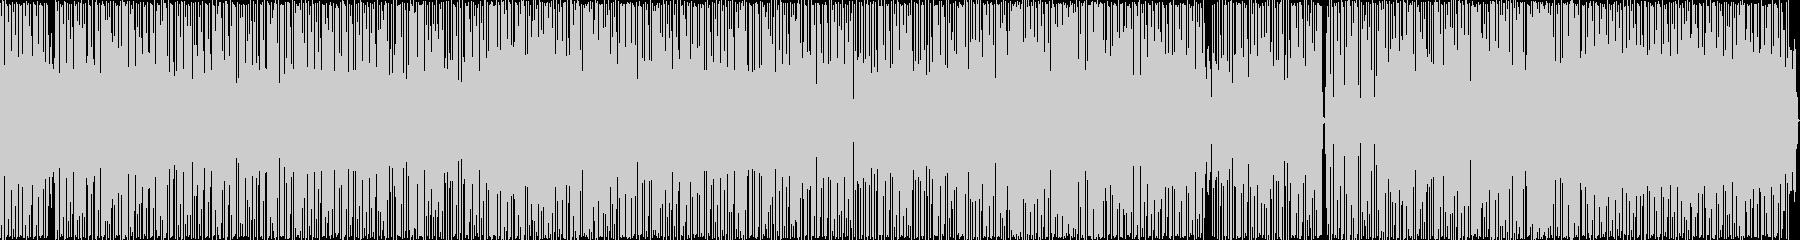 レゲエ風のヒップホップの未再生の波形